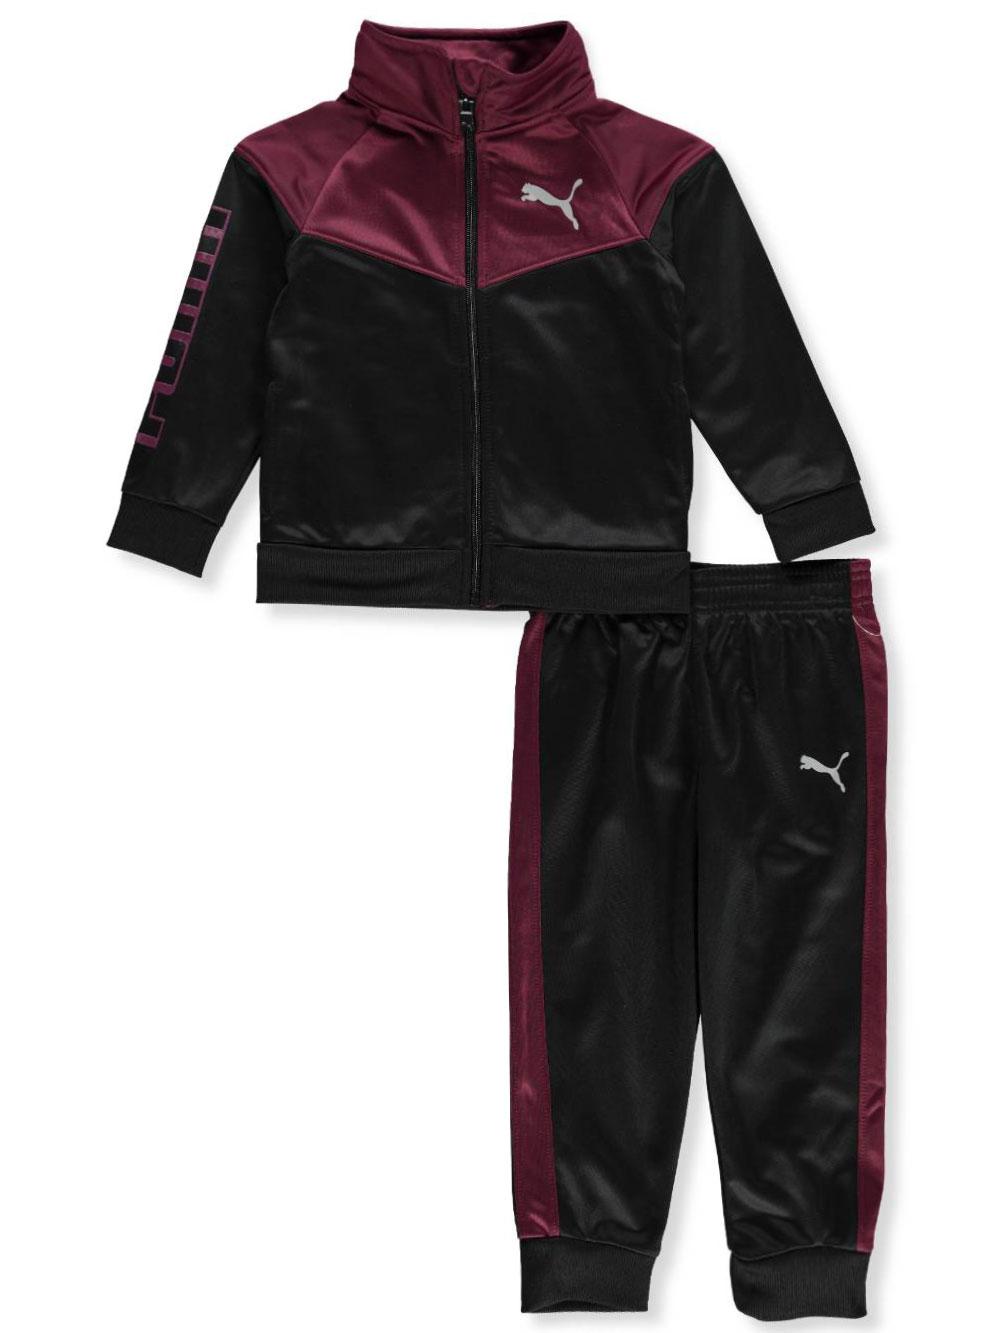 a5e1d65b Puma Boys' 2-Piece Tricot Tracksuit Pants Set